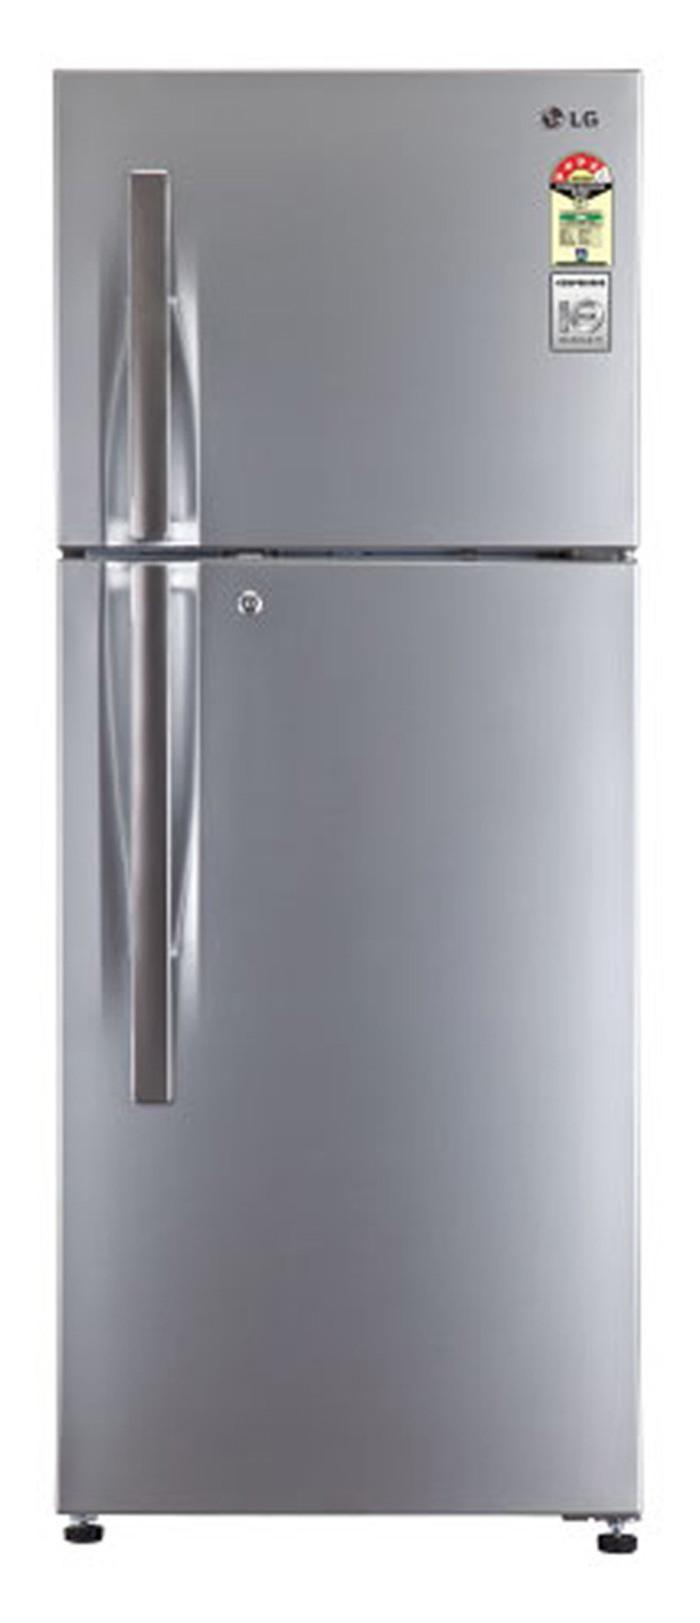 LG Double Door Refrigerator GL 318PLG4 Image